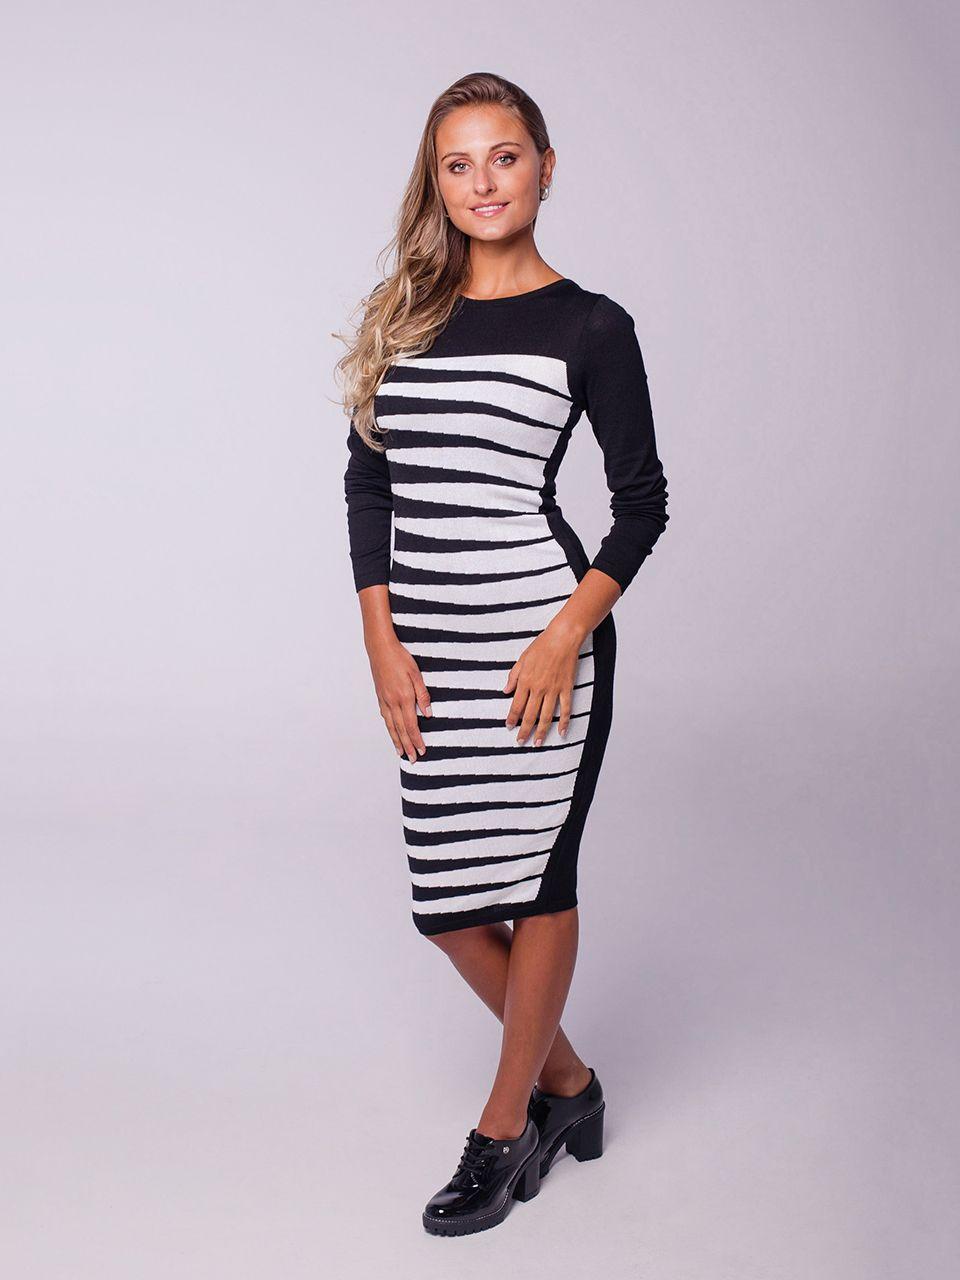 5f179bce4 A moda que combina com você | Daiane Store